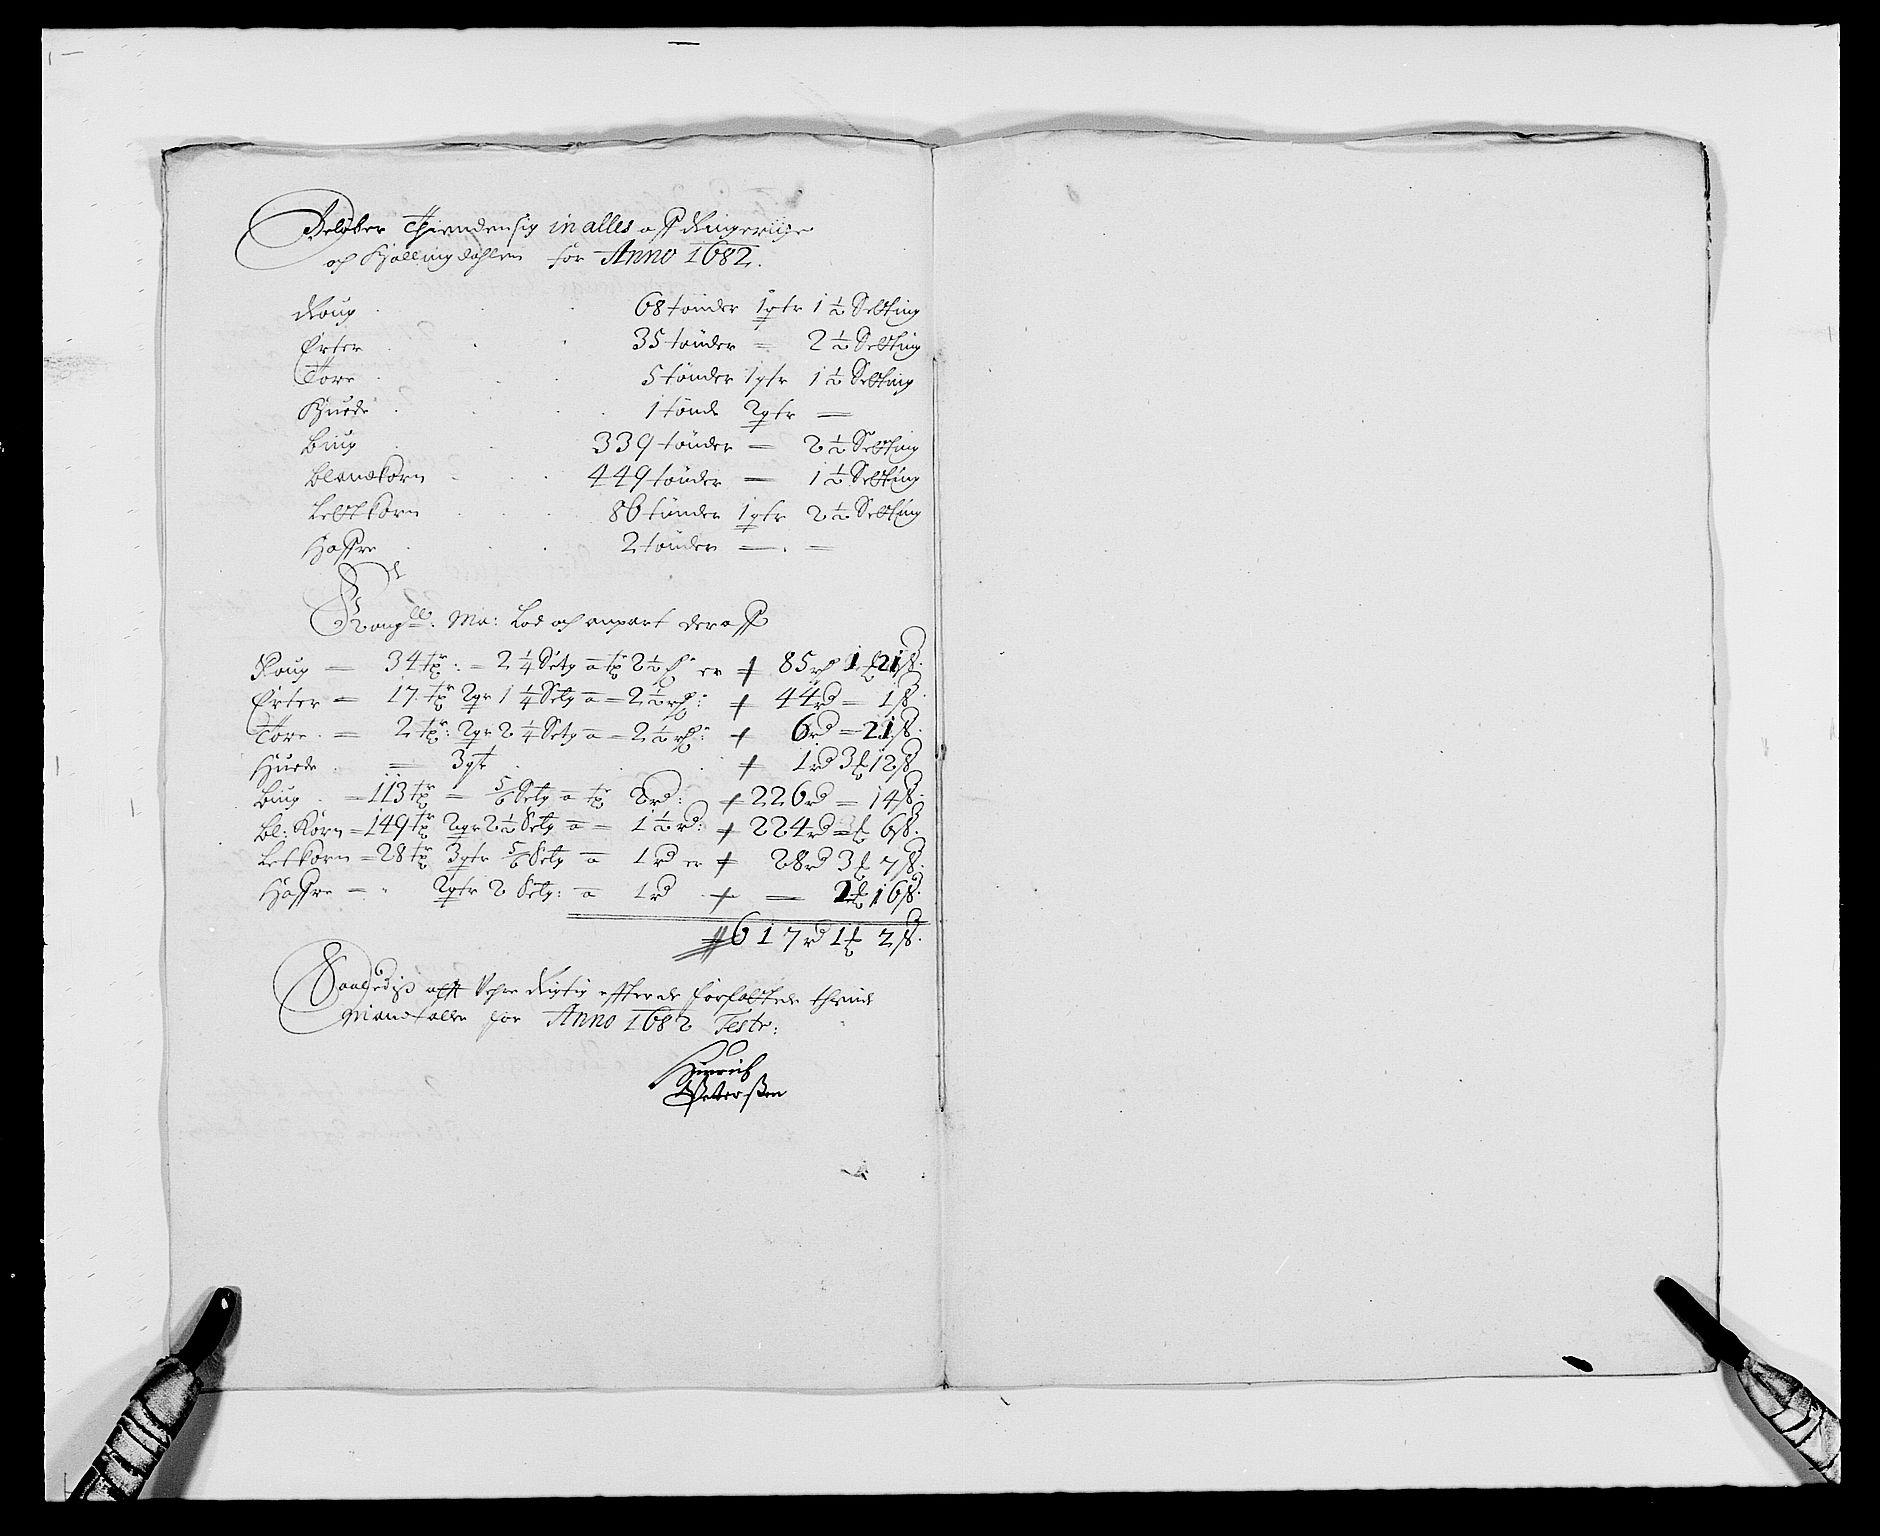 RA, Rentekammeret inntil 1814, Reviderte regnskaper, Fogderegnskap, R21/L1445: Fogderegnskap Ringerike og Hallingdal, 1681-1689, s. 380